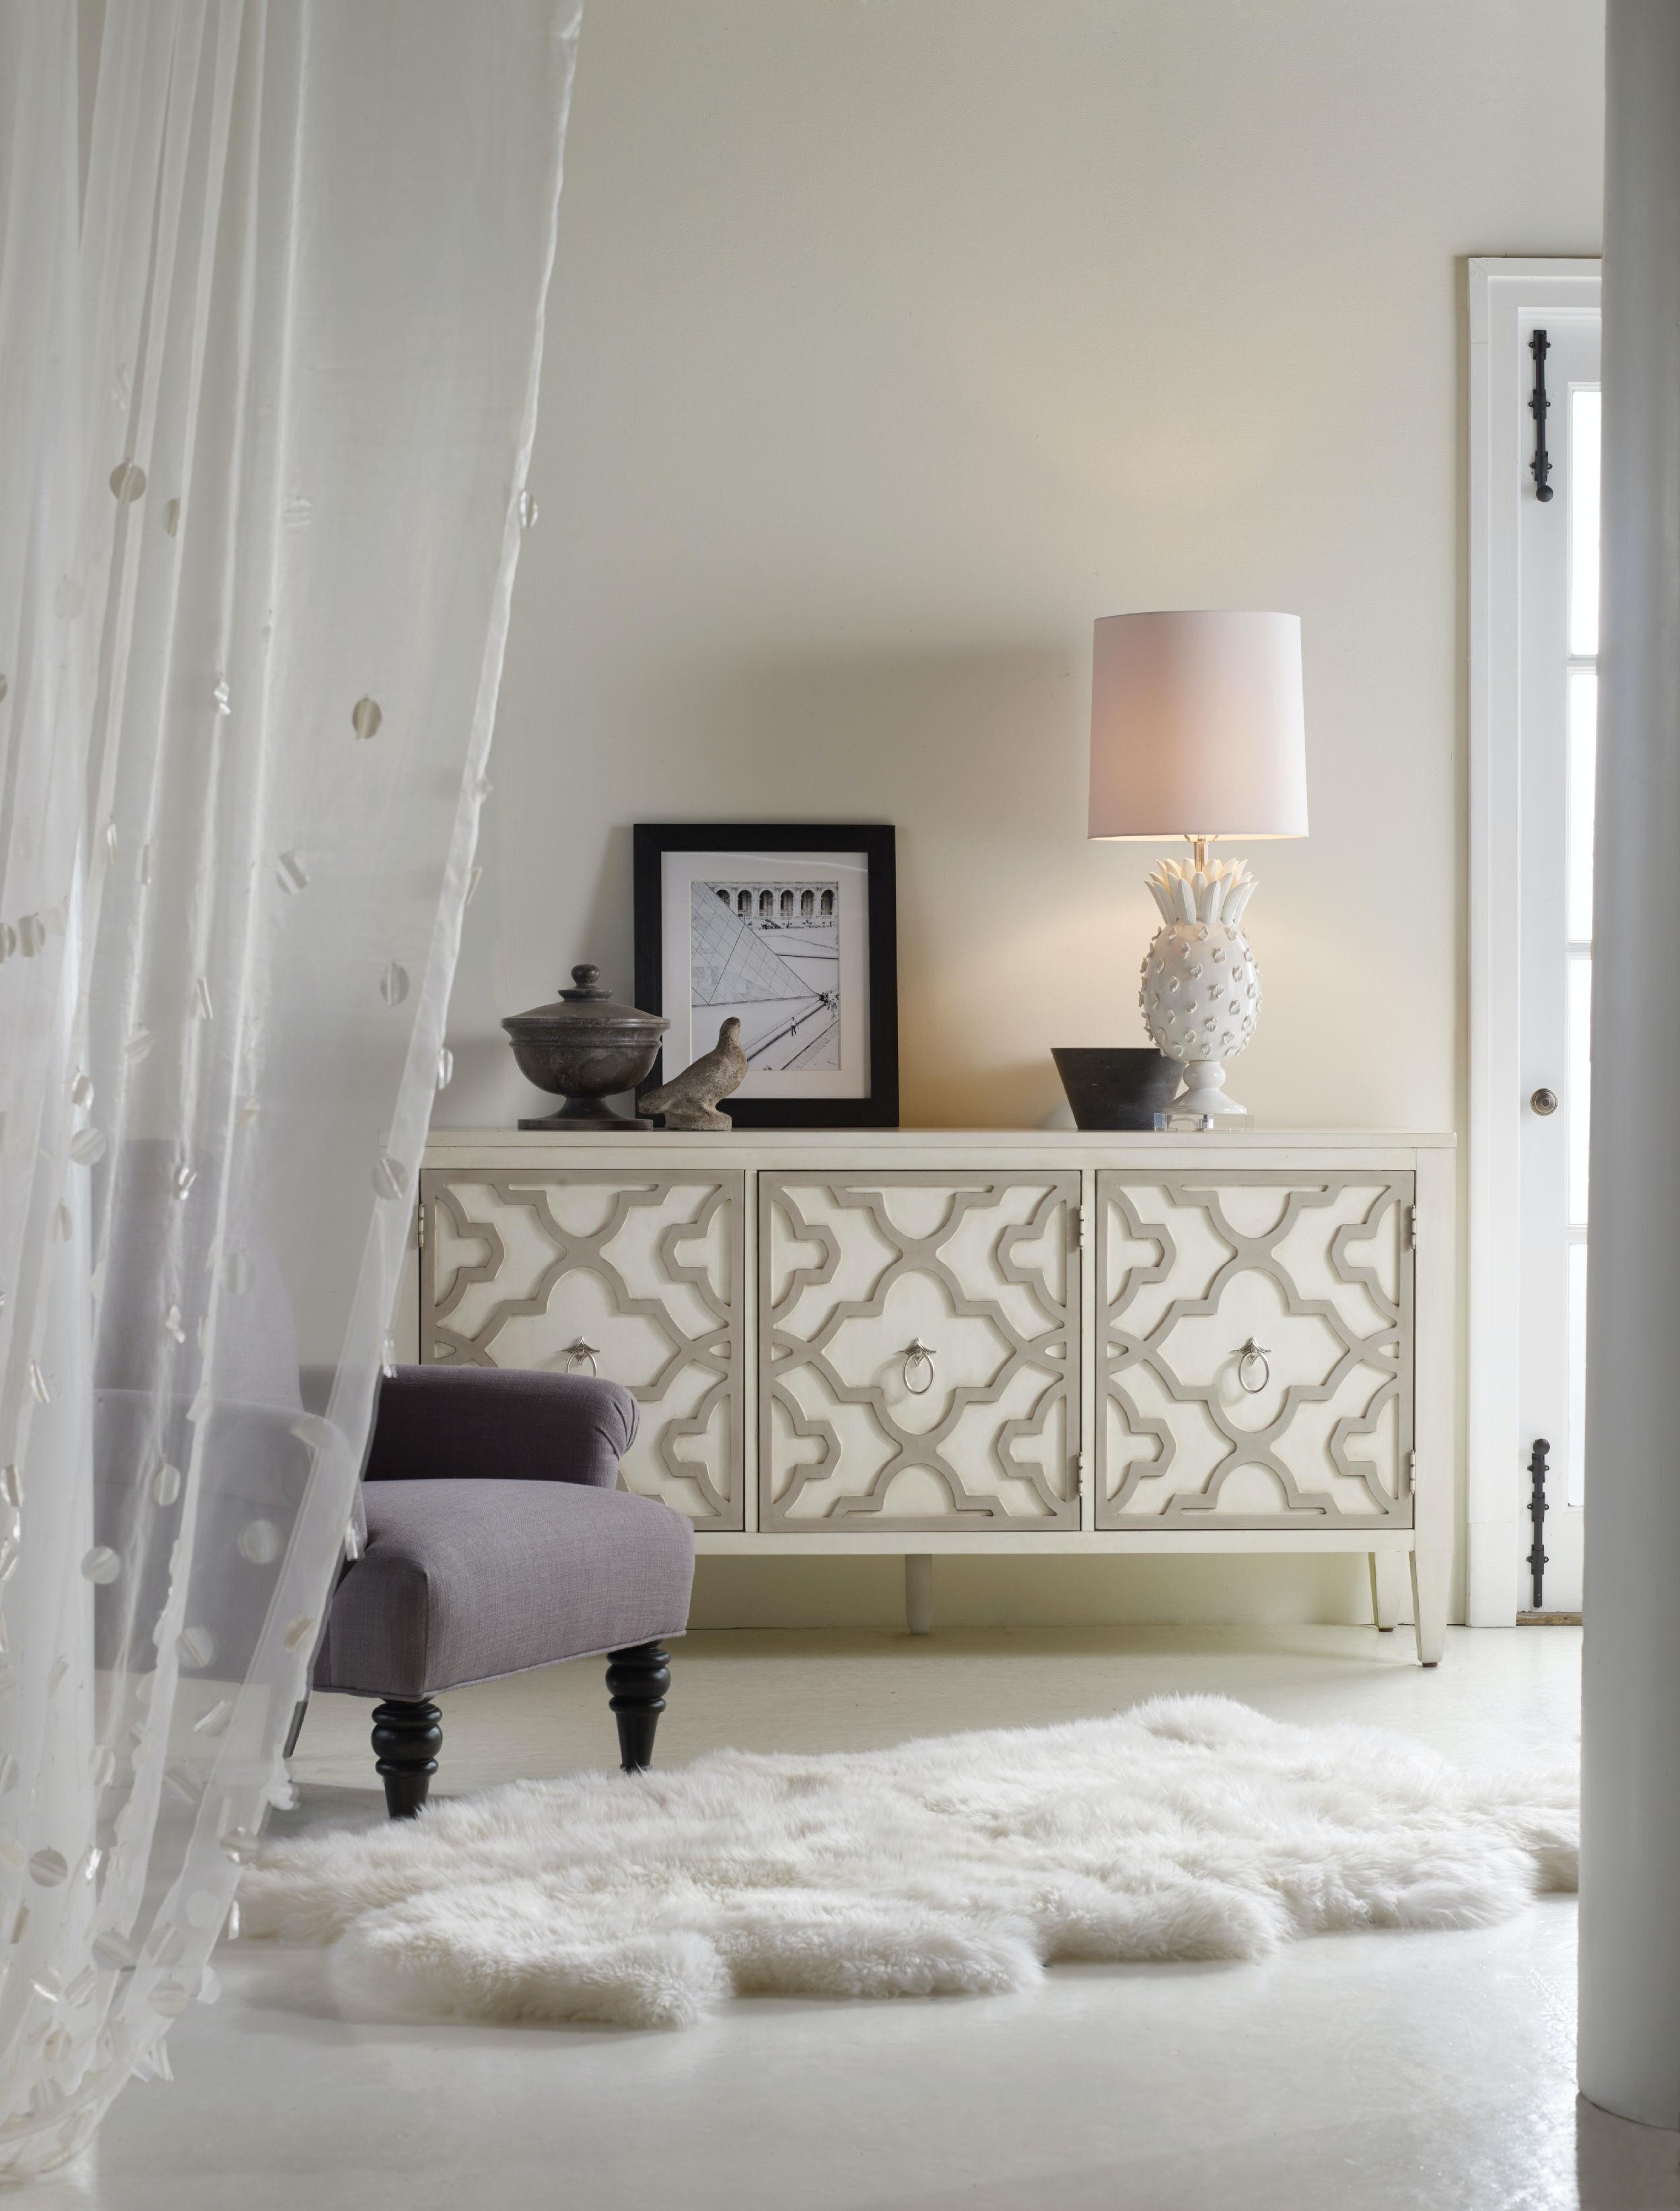 hooker furniture living room melange miranda credenza 638 85189. Black Bedroom Furniture Sets. Home Design Ideas